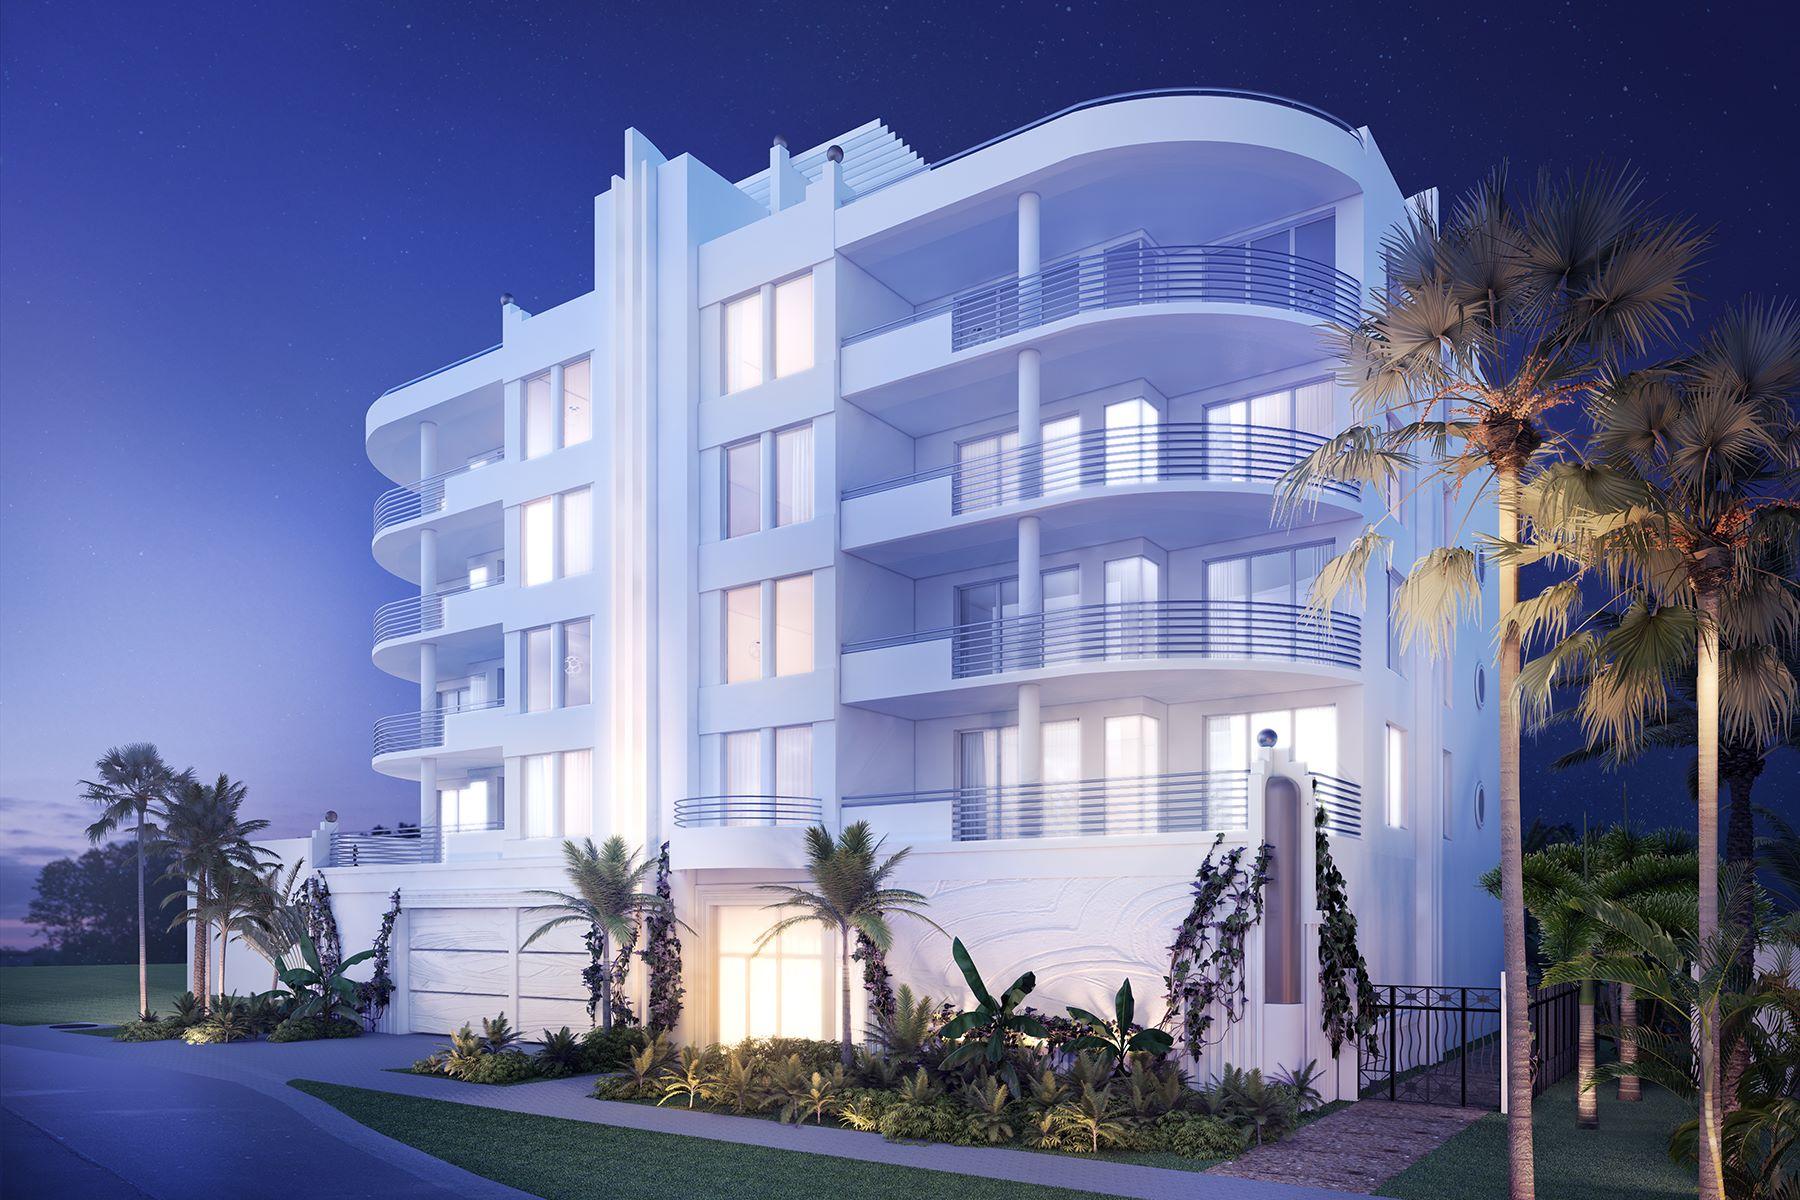 Condominium for Sale at 609 Golden Gate Pt , North 302, Sarasota, FL 34236 609 Golden Gate Pt North 302, Sarasota, Florida 34236 United States